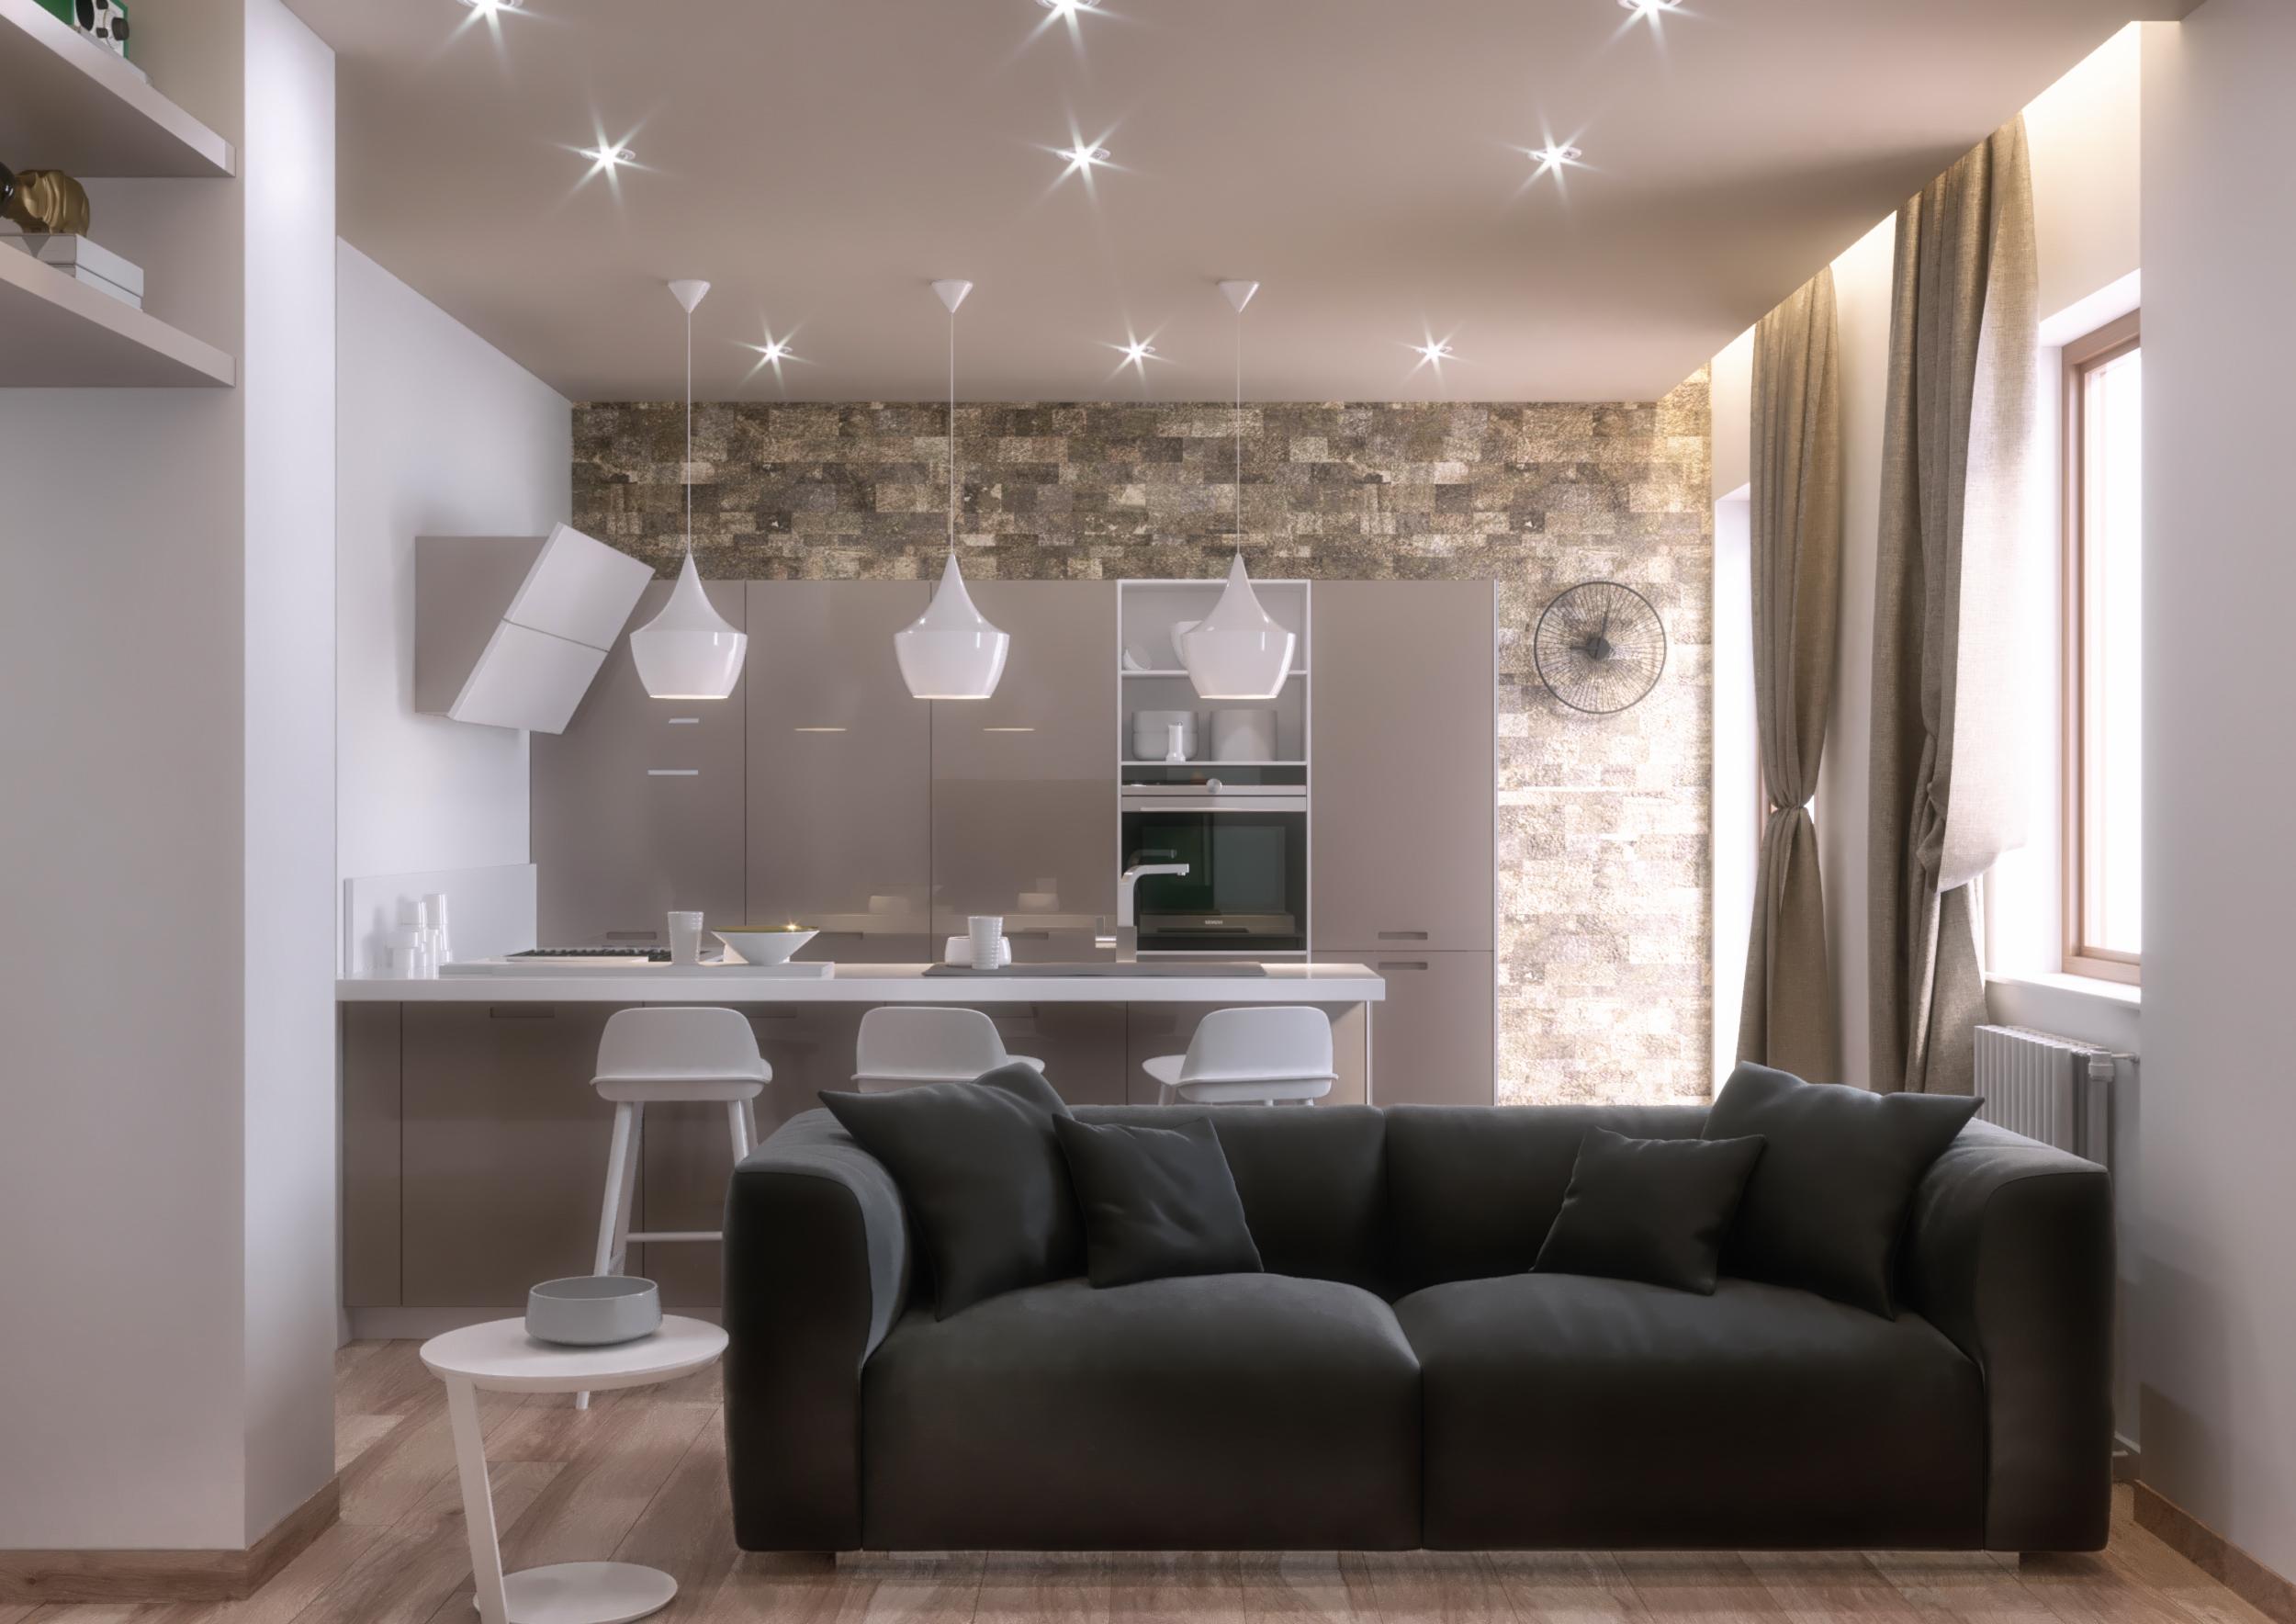 Consulenza di interior design architetto specializzato for Siti di interior design